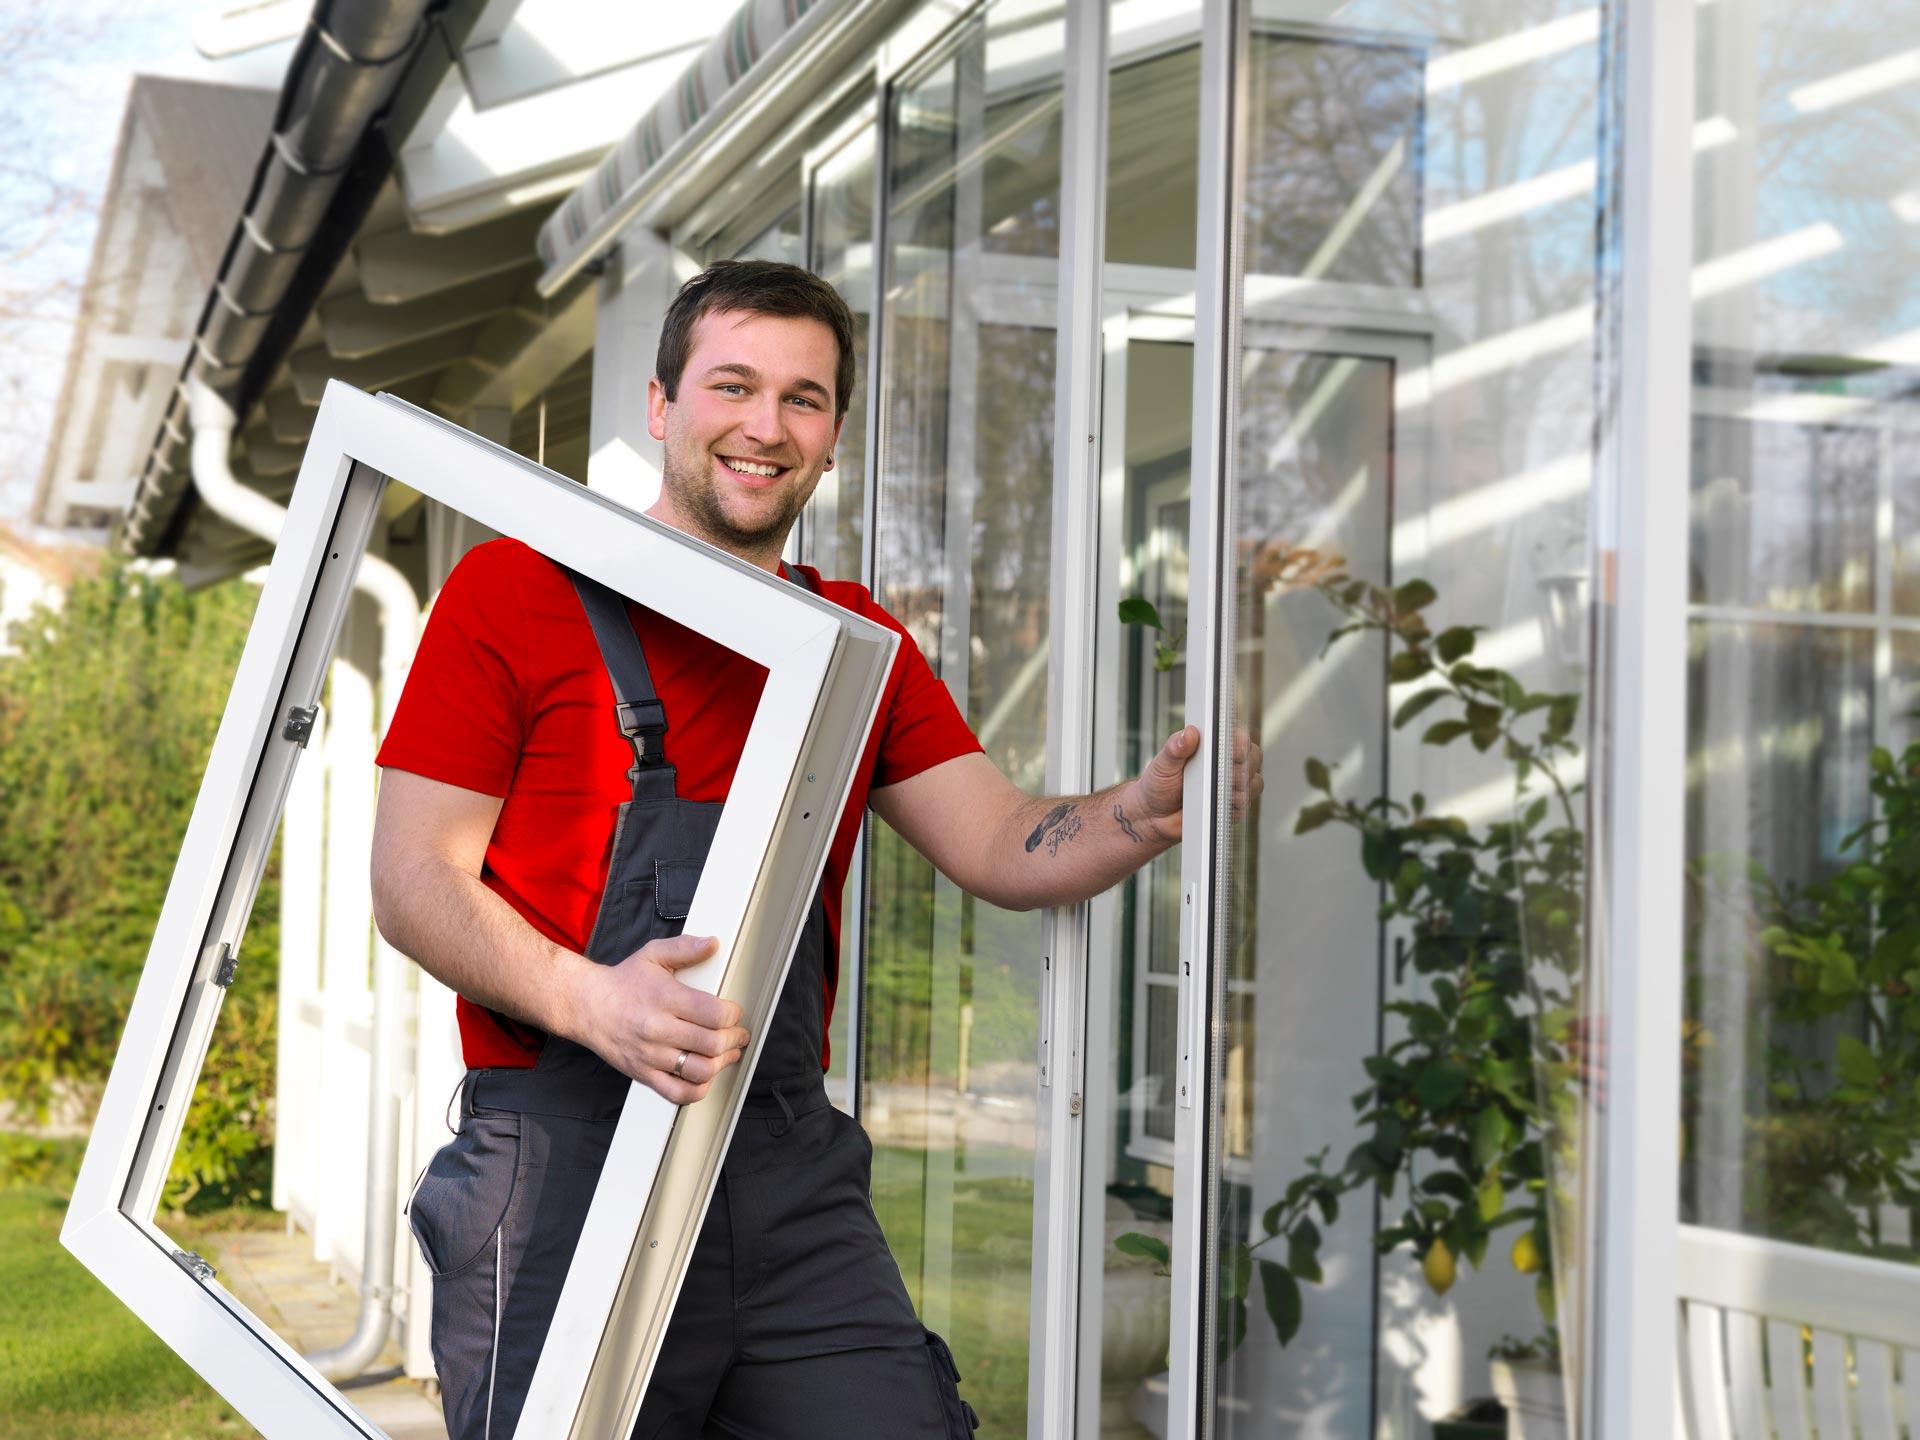 Full Size of Fenster Dekorieren Deutschland Detail Schnitt Pdf Dwg Autocad Deko Weihnachten 2018 Der Die Ou Das Preise Kaufen Hersteller Holzbau Design Velbert Fenster Fenster.de